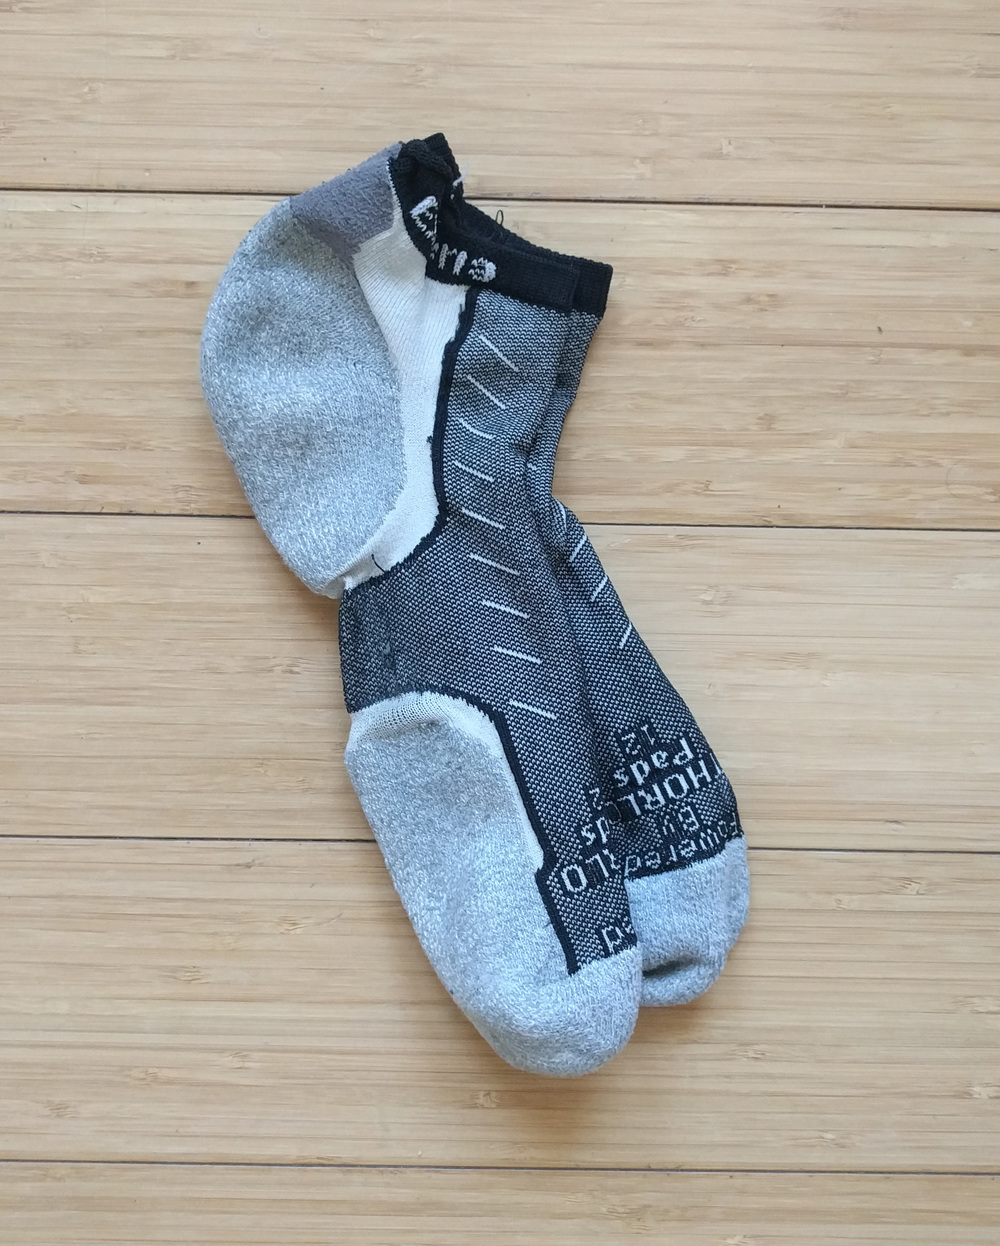 Nate Hot Socks.jpg